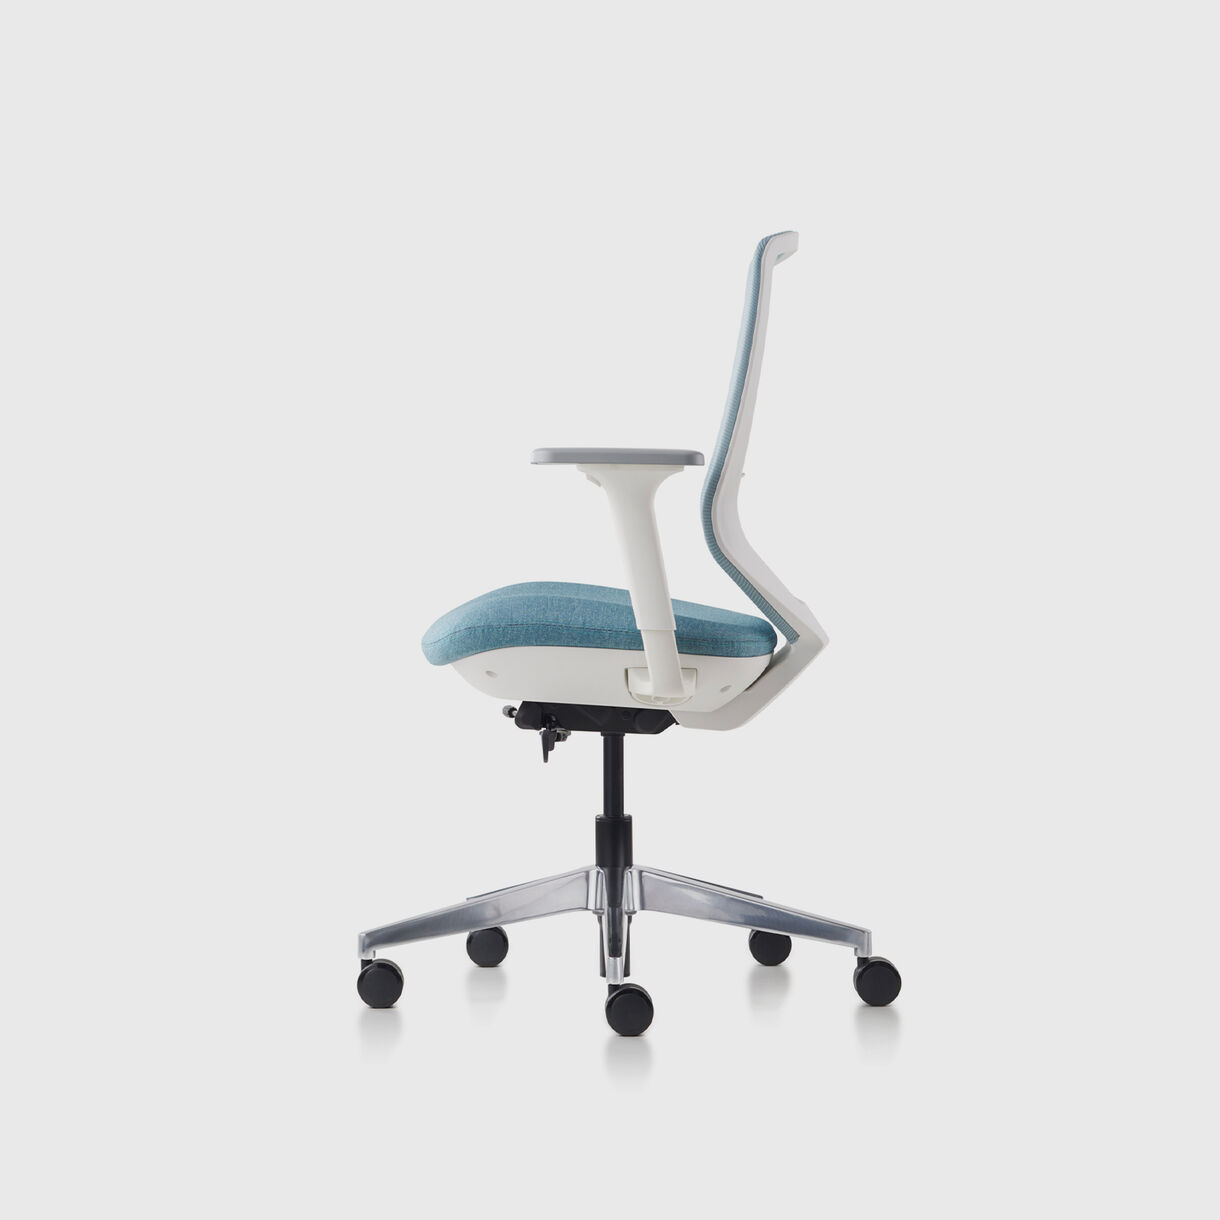 Express 2 Chair